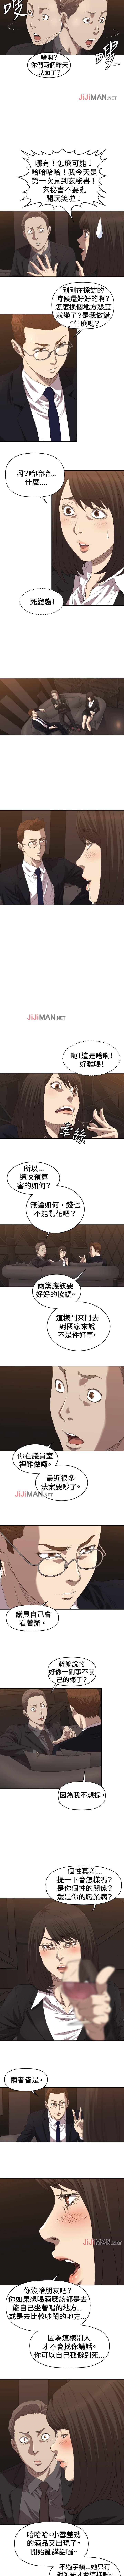 【已完结】索多玛俱乐部(作者:何藝媛&庫奈尼) 第1~32话 22